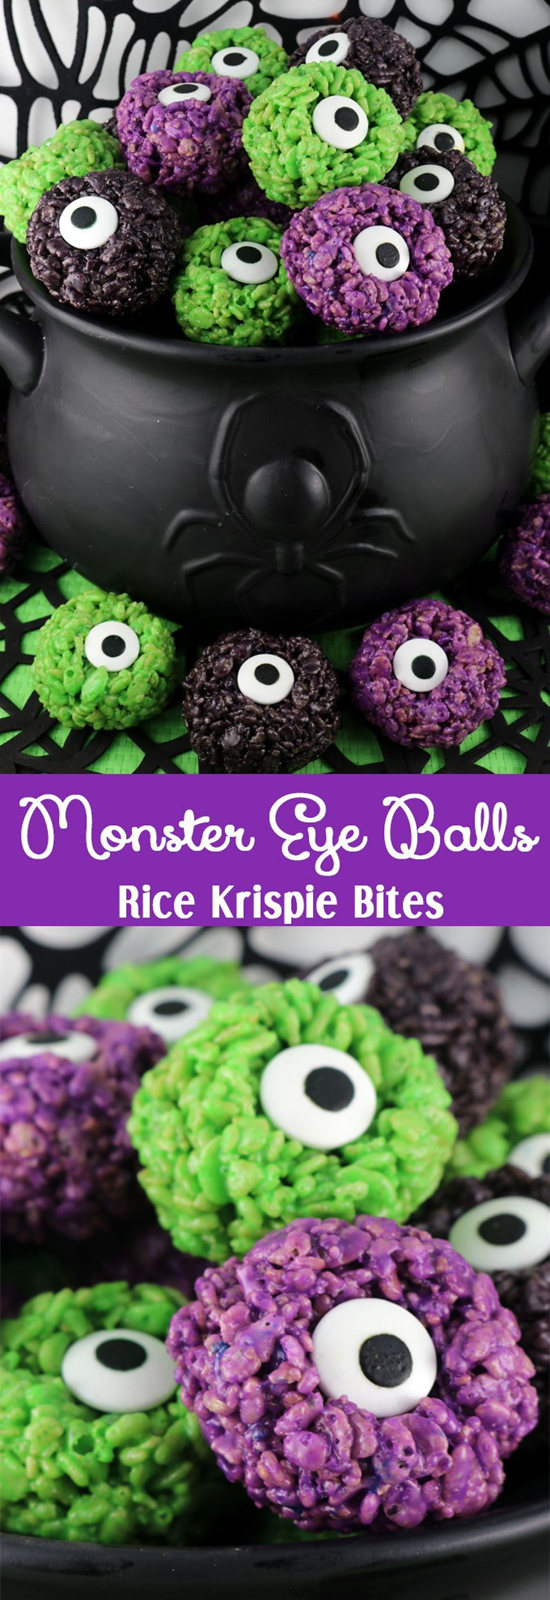 Monster Eye Ball Rice Krispie Bites